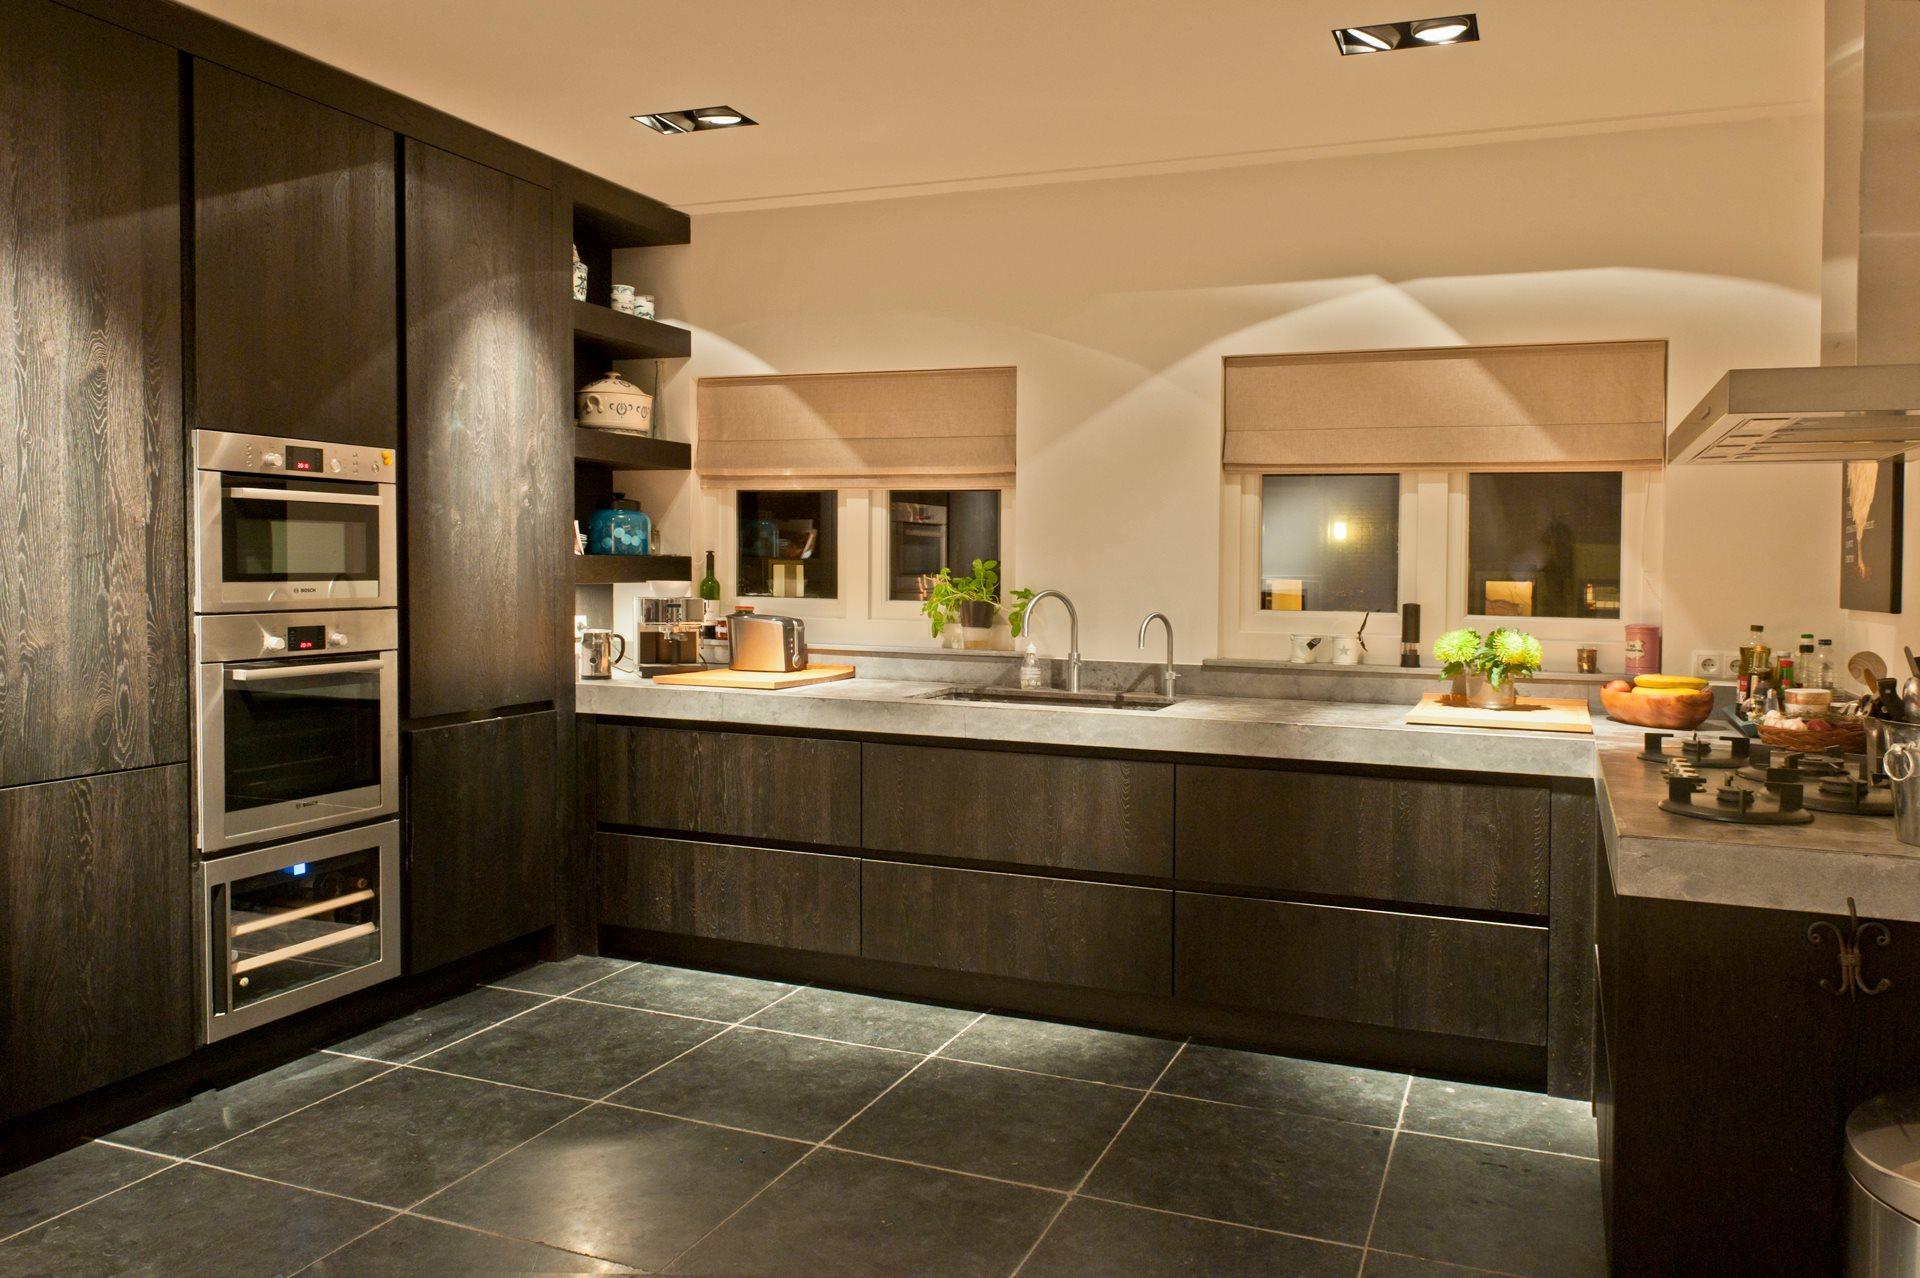 Mooie keuken kopen - Keuken steen en hout ...